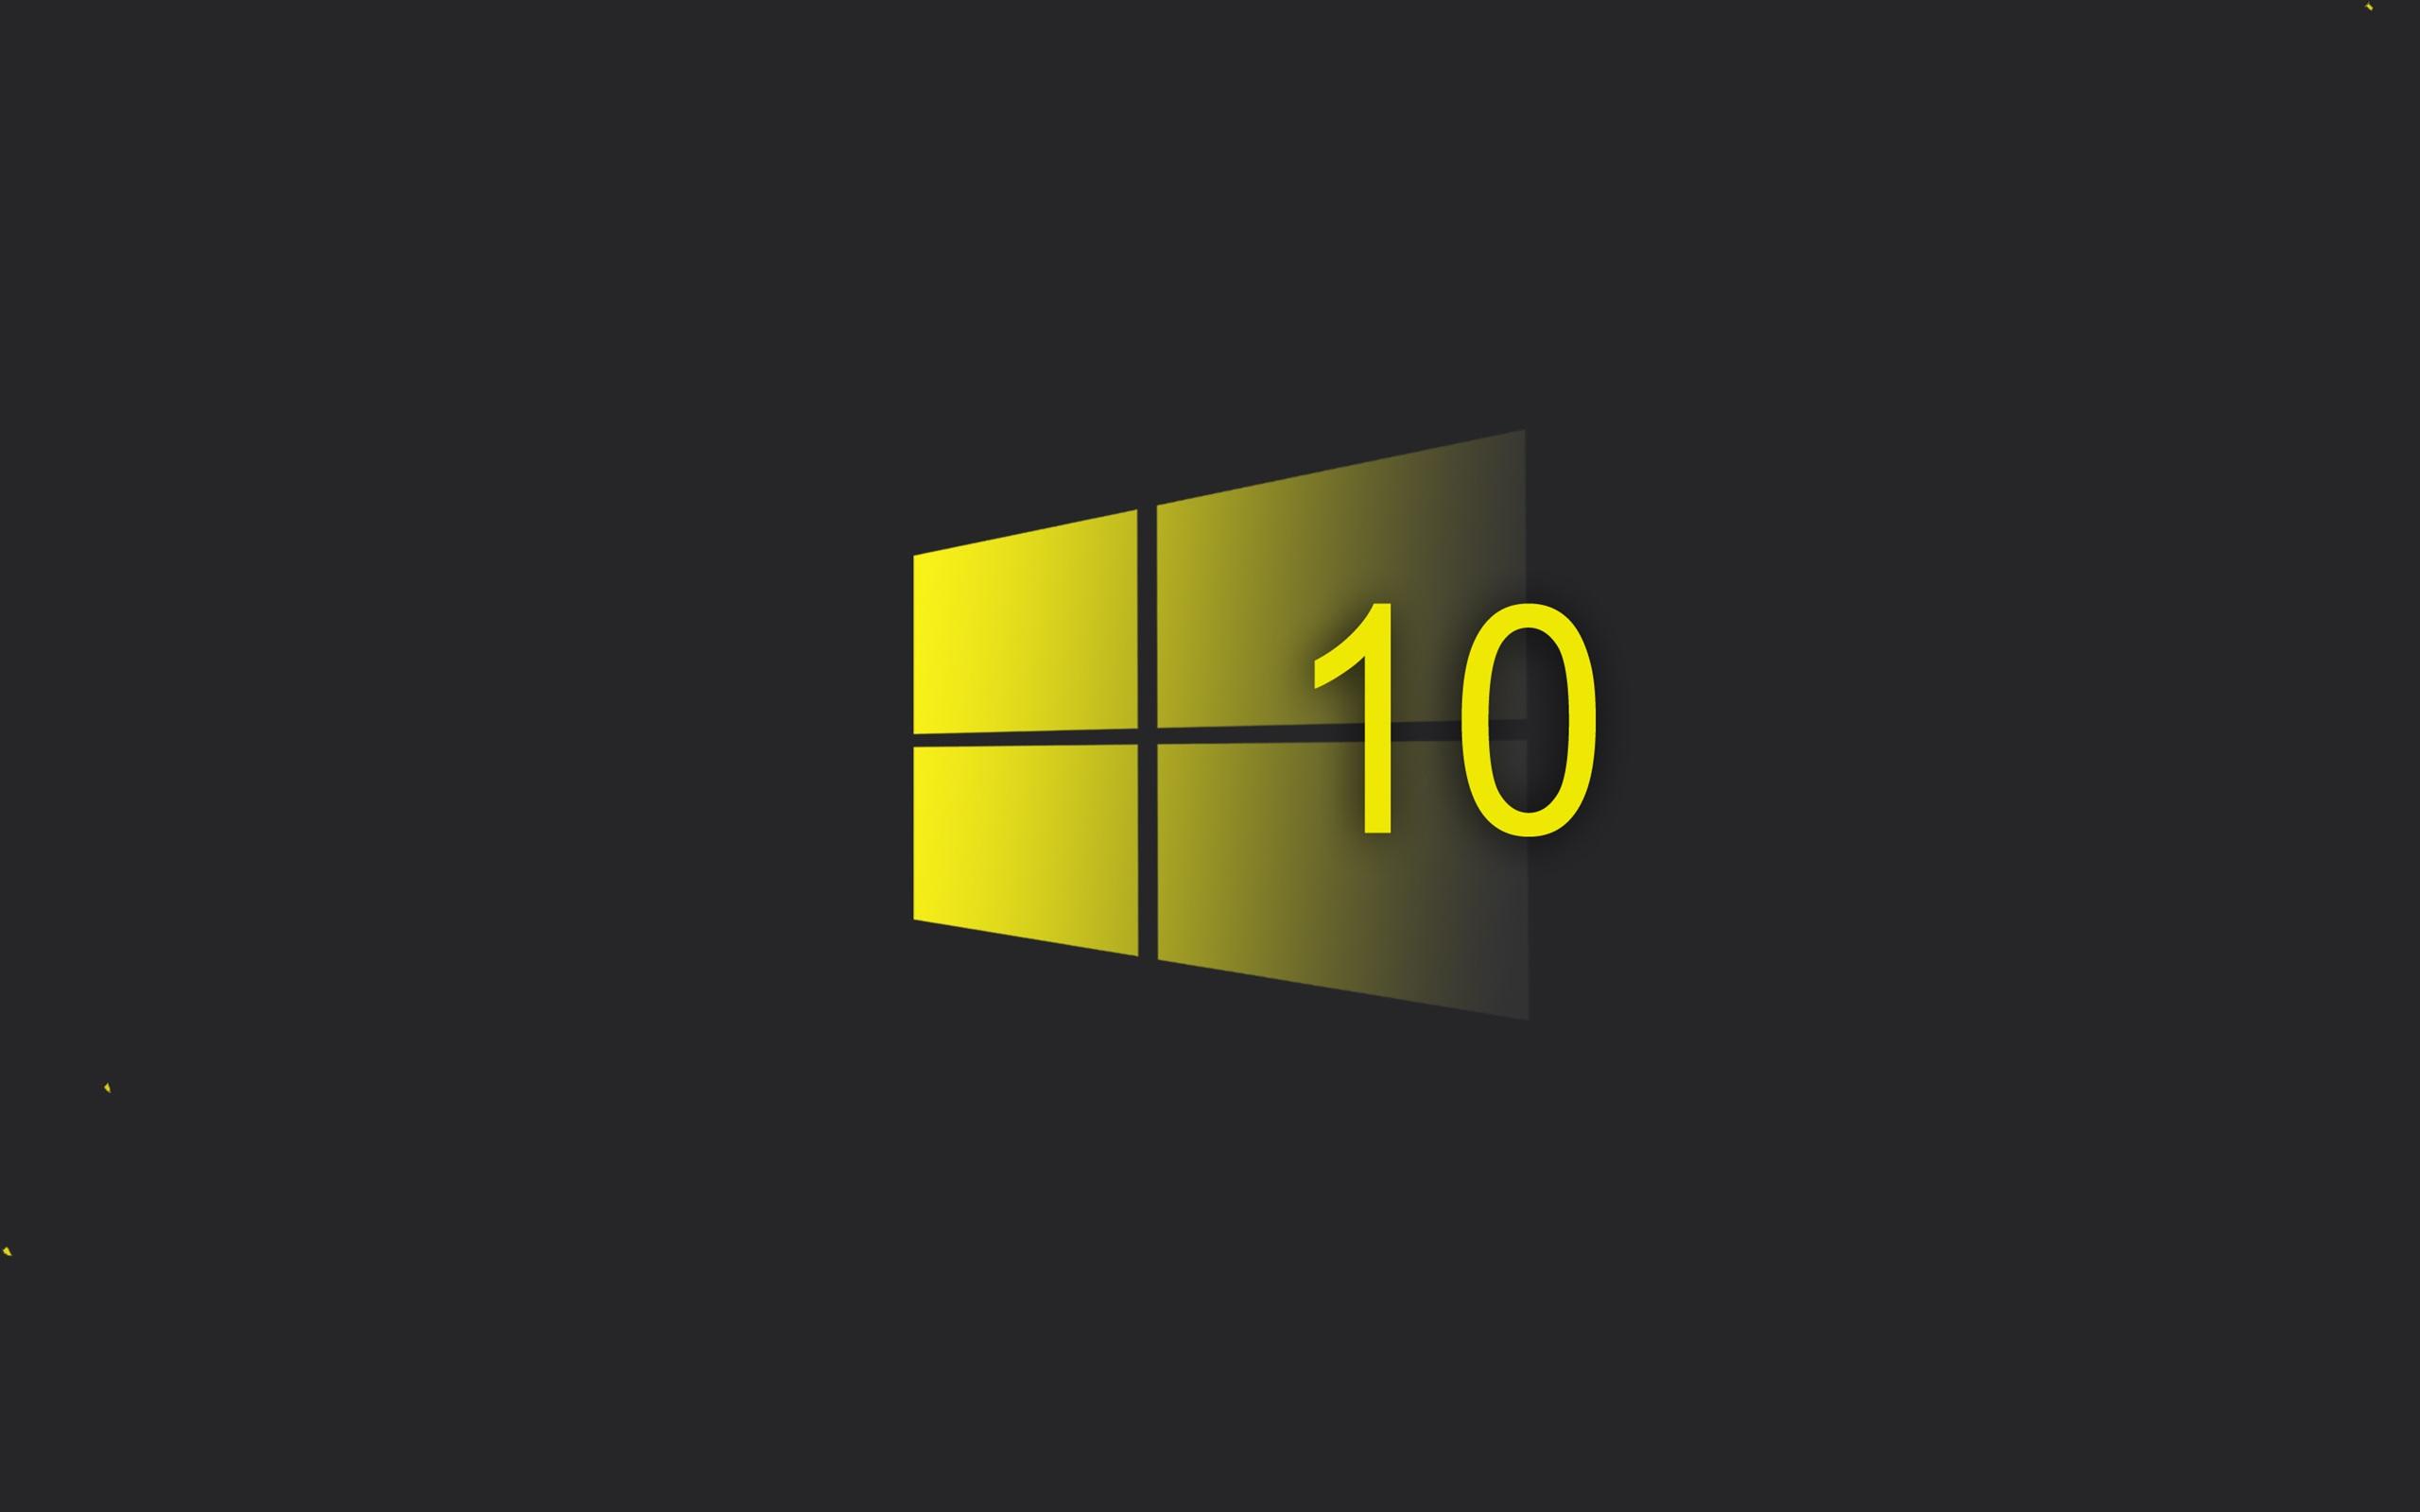 壁紙 Windowsの10システム 黄色のスタイルのロゴ 黒の背景 2880x1800